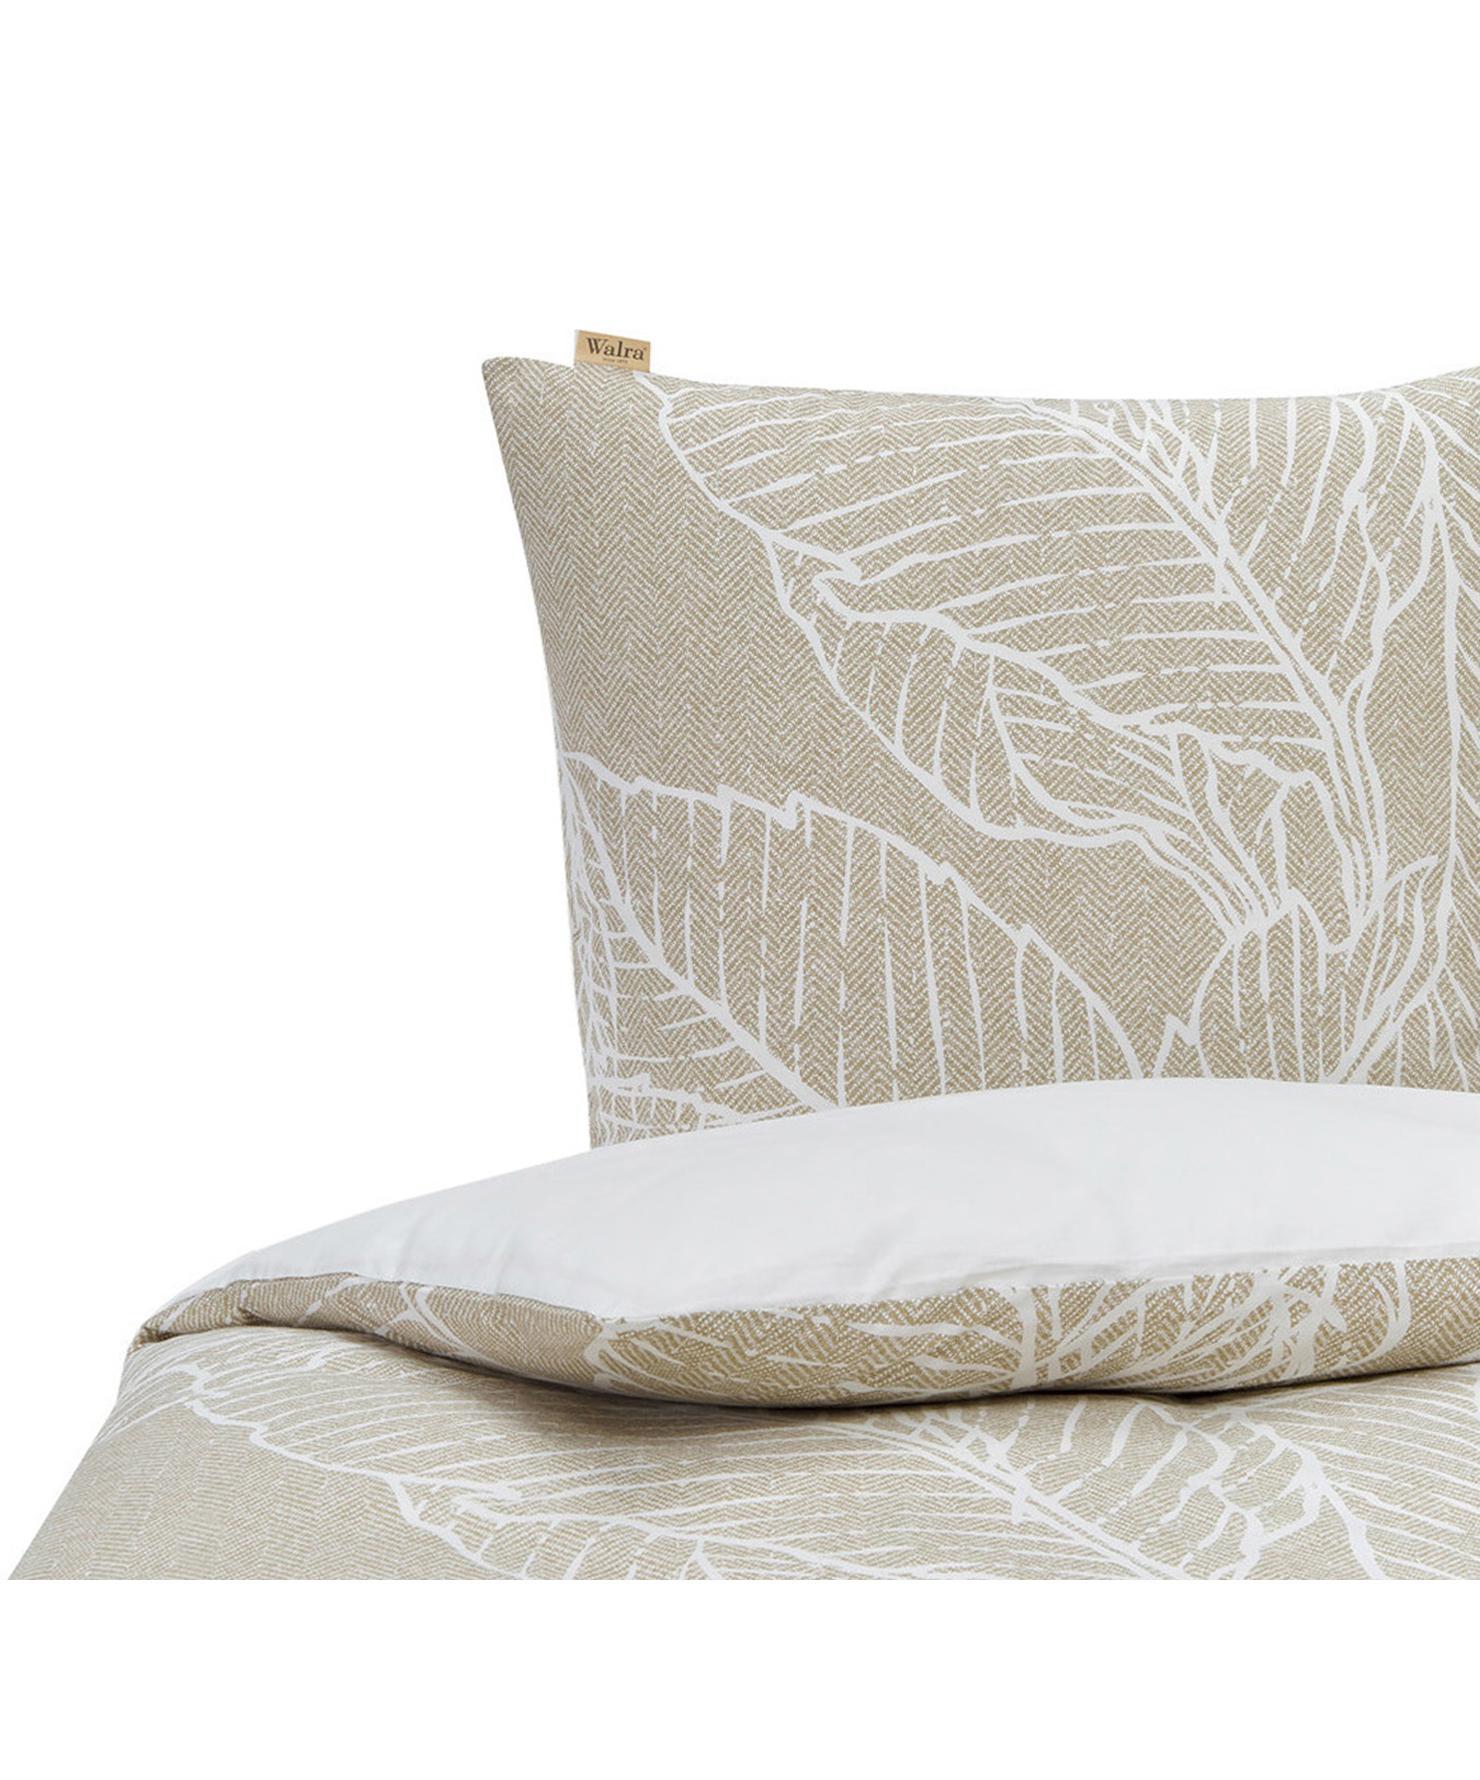 Baumwoll-Bettwäsche Leaves & Trees, Webart: Renforcé Renforcé besteht, Beige, Weiß, 155 x 220 cm + 1 Kissen 80 x 80 cm